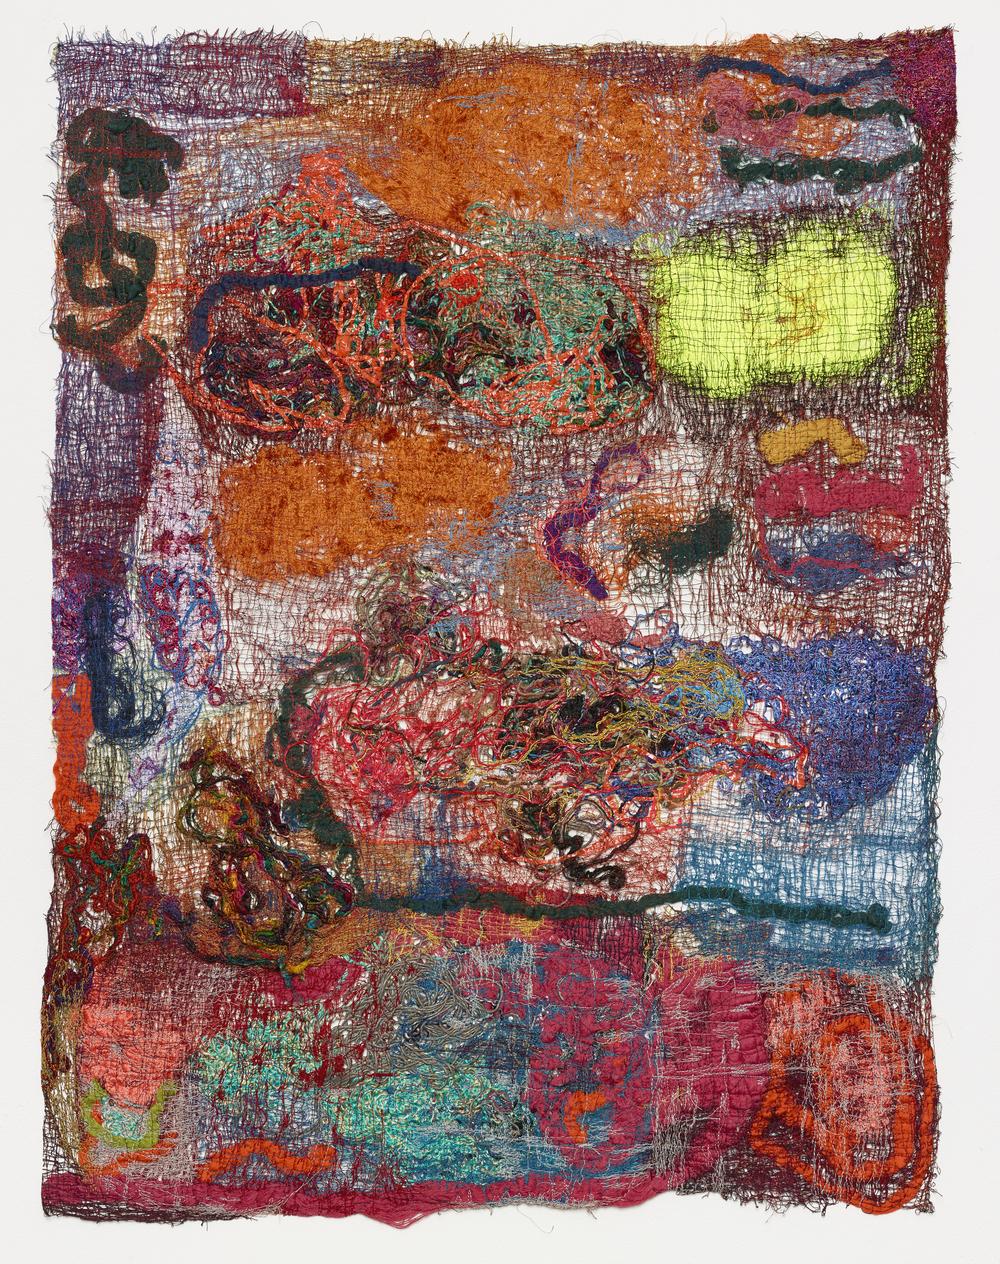 Sediment I 2015 Polyester, silk, cotton, wool, polyurethane 111 x 83 cm / 43.7 x 32.6 in